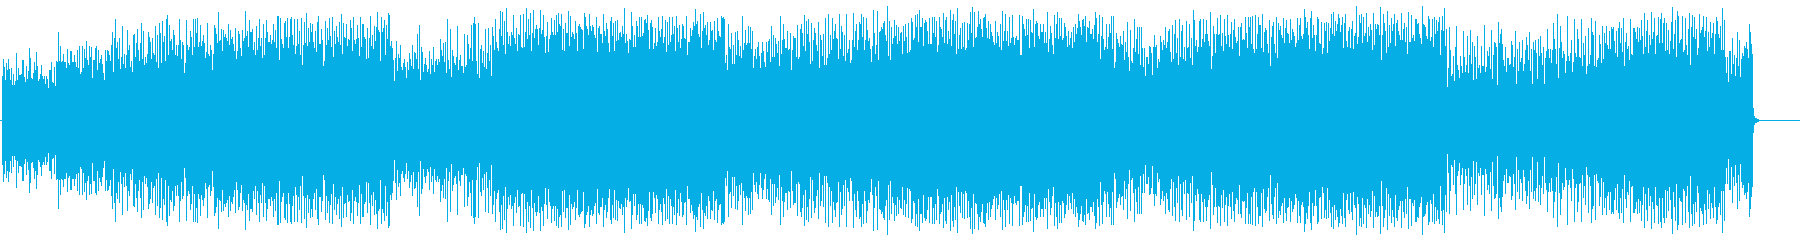 上品でダンサブルなエレクトロポップの再生済みの波形